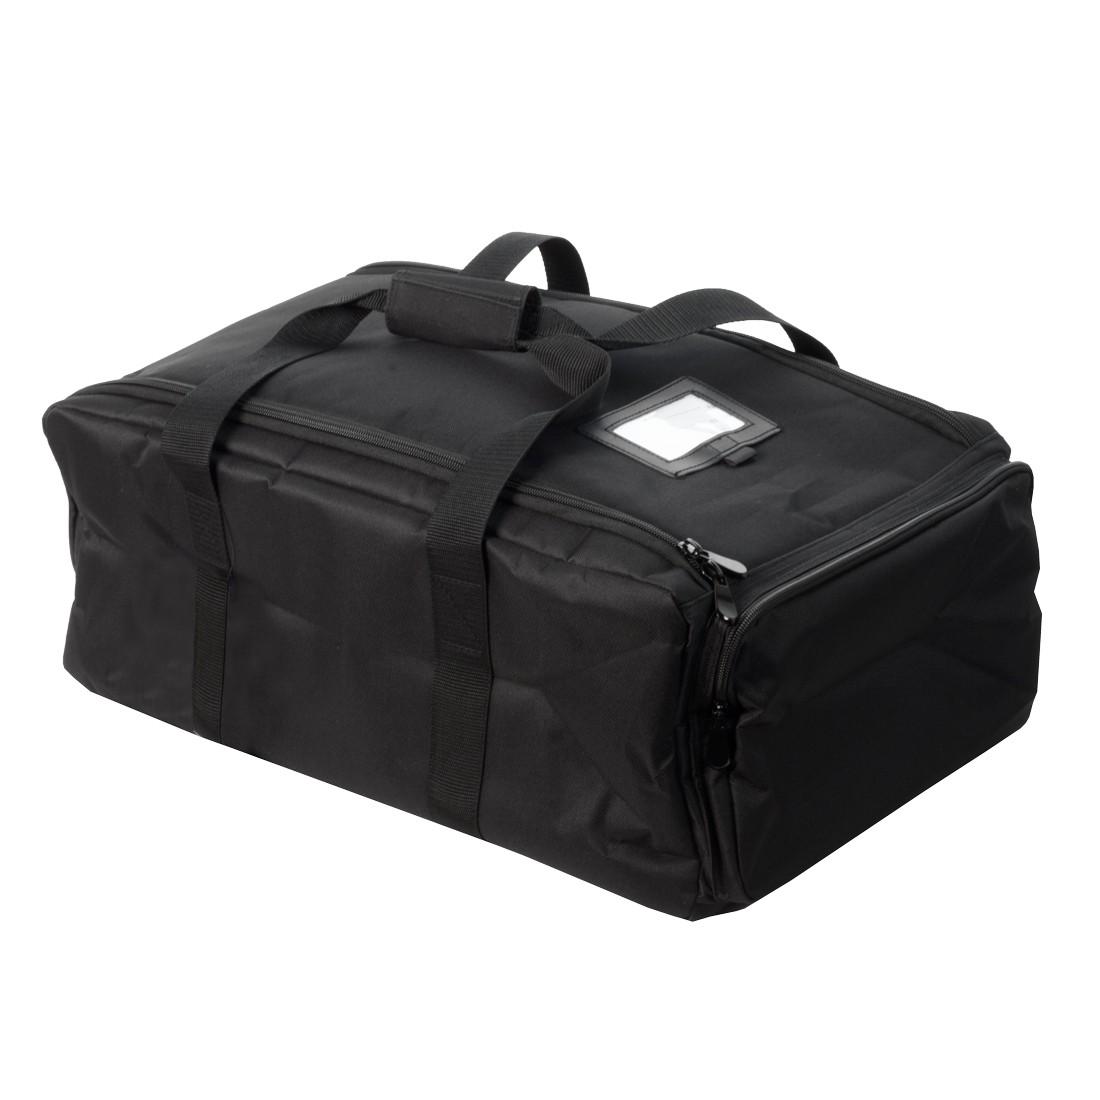 Sac de transport Accu case ASC-AC-131 530X330X215mm